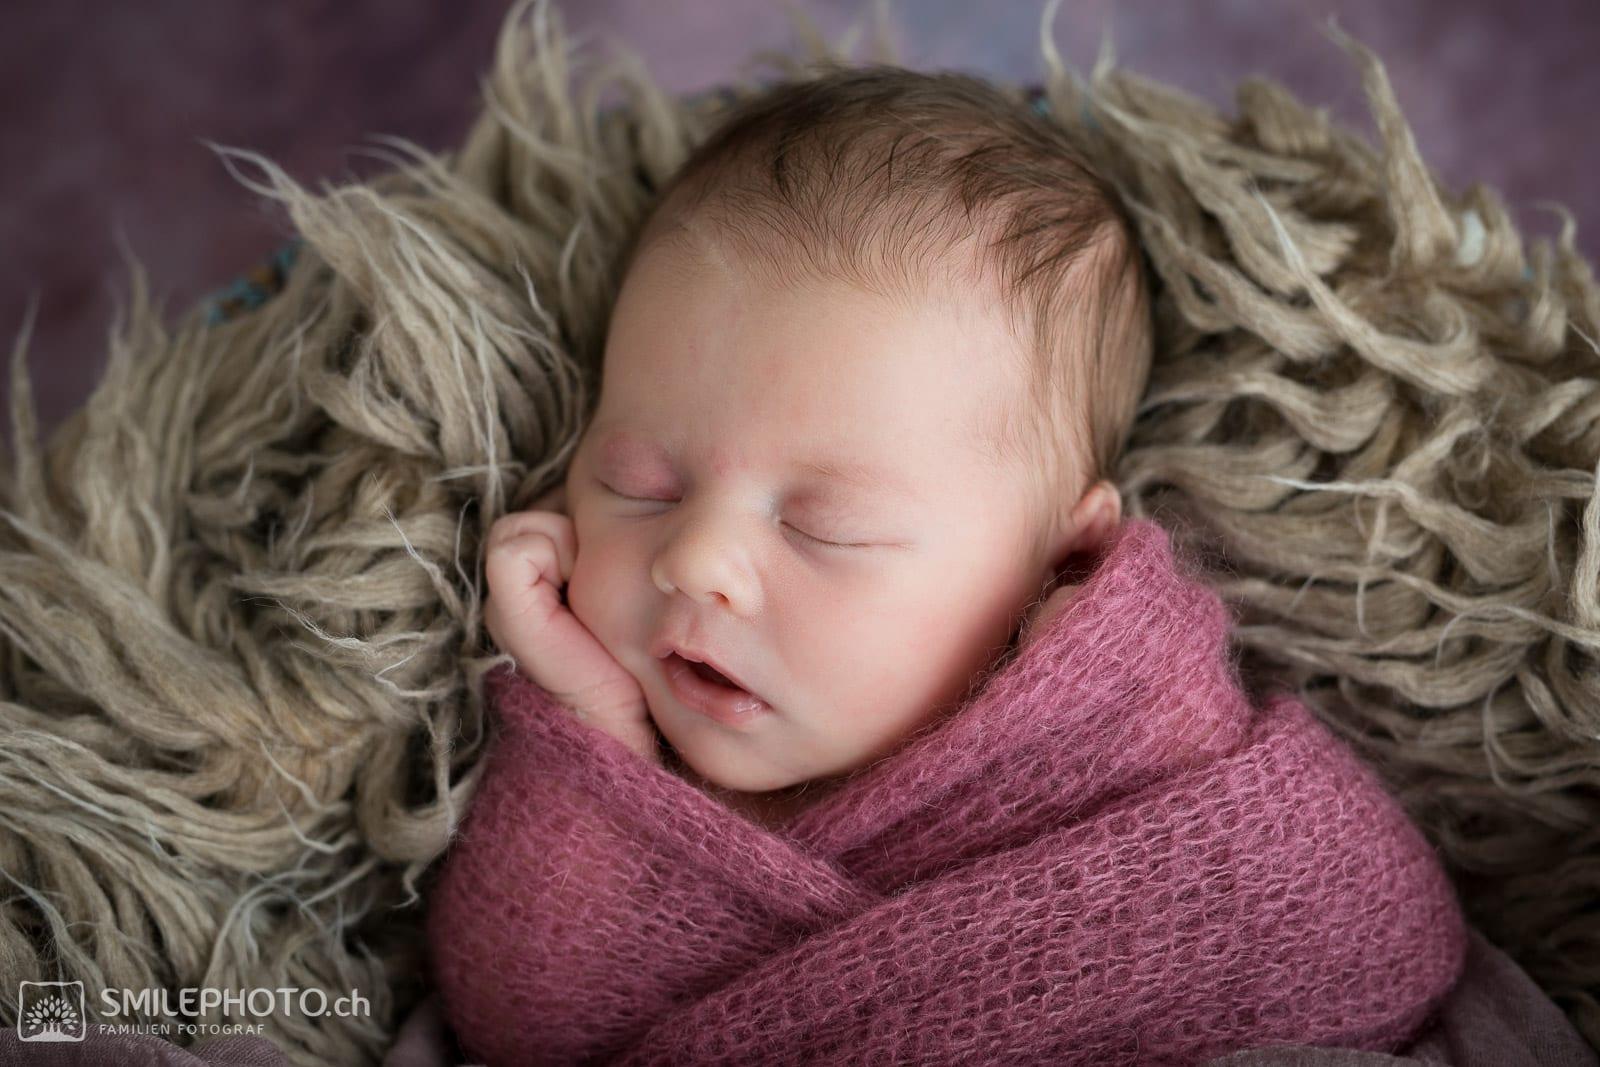 neugeborenen fotoshooting 2017 oktober 6